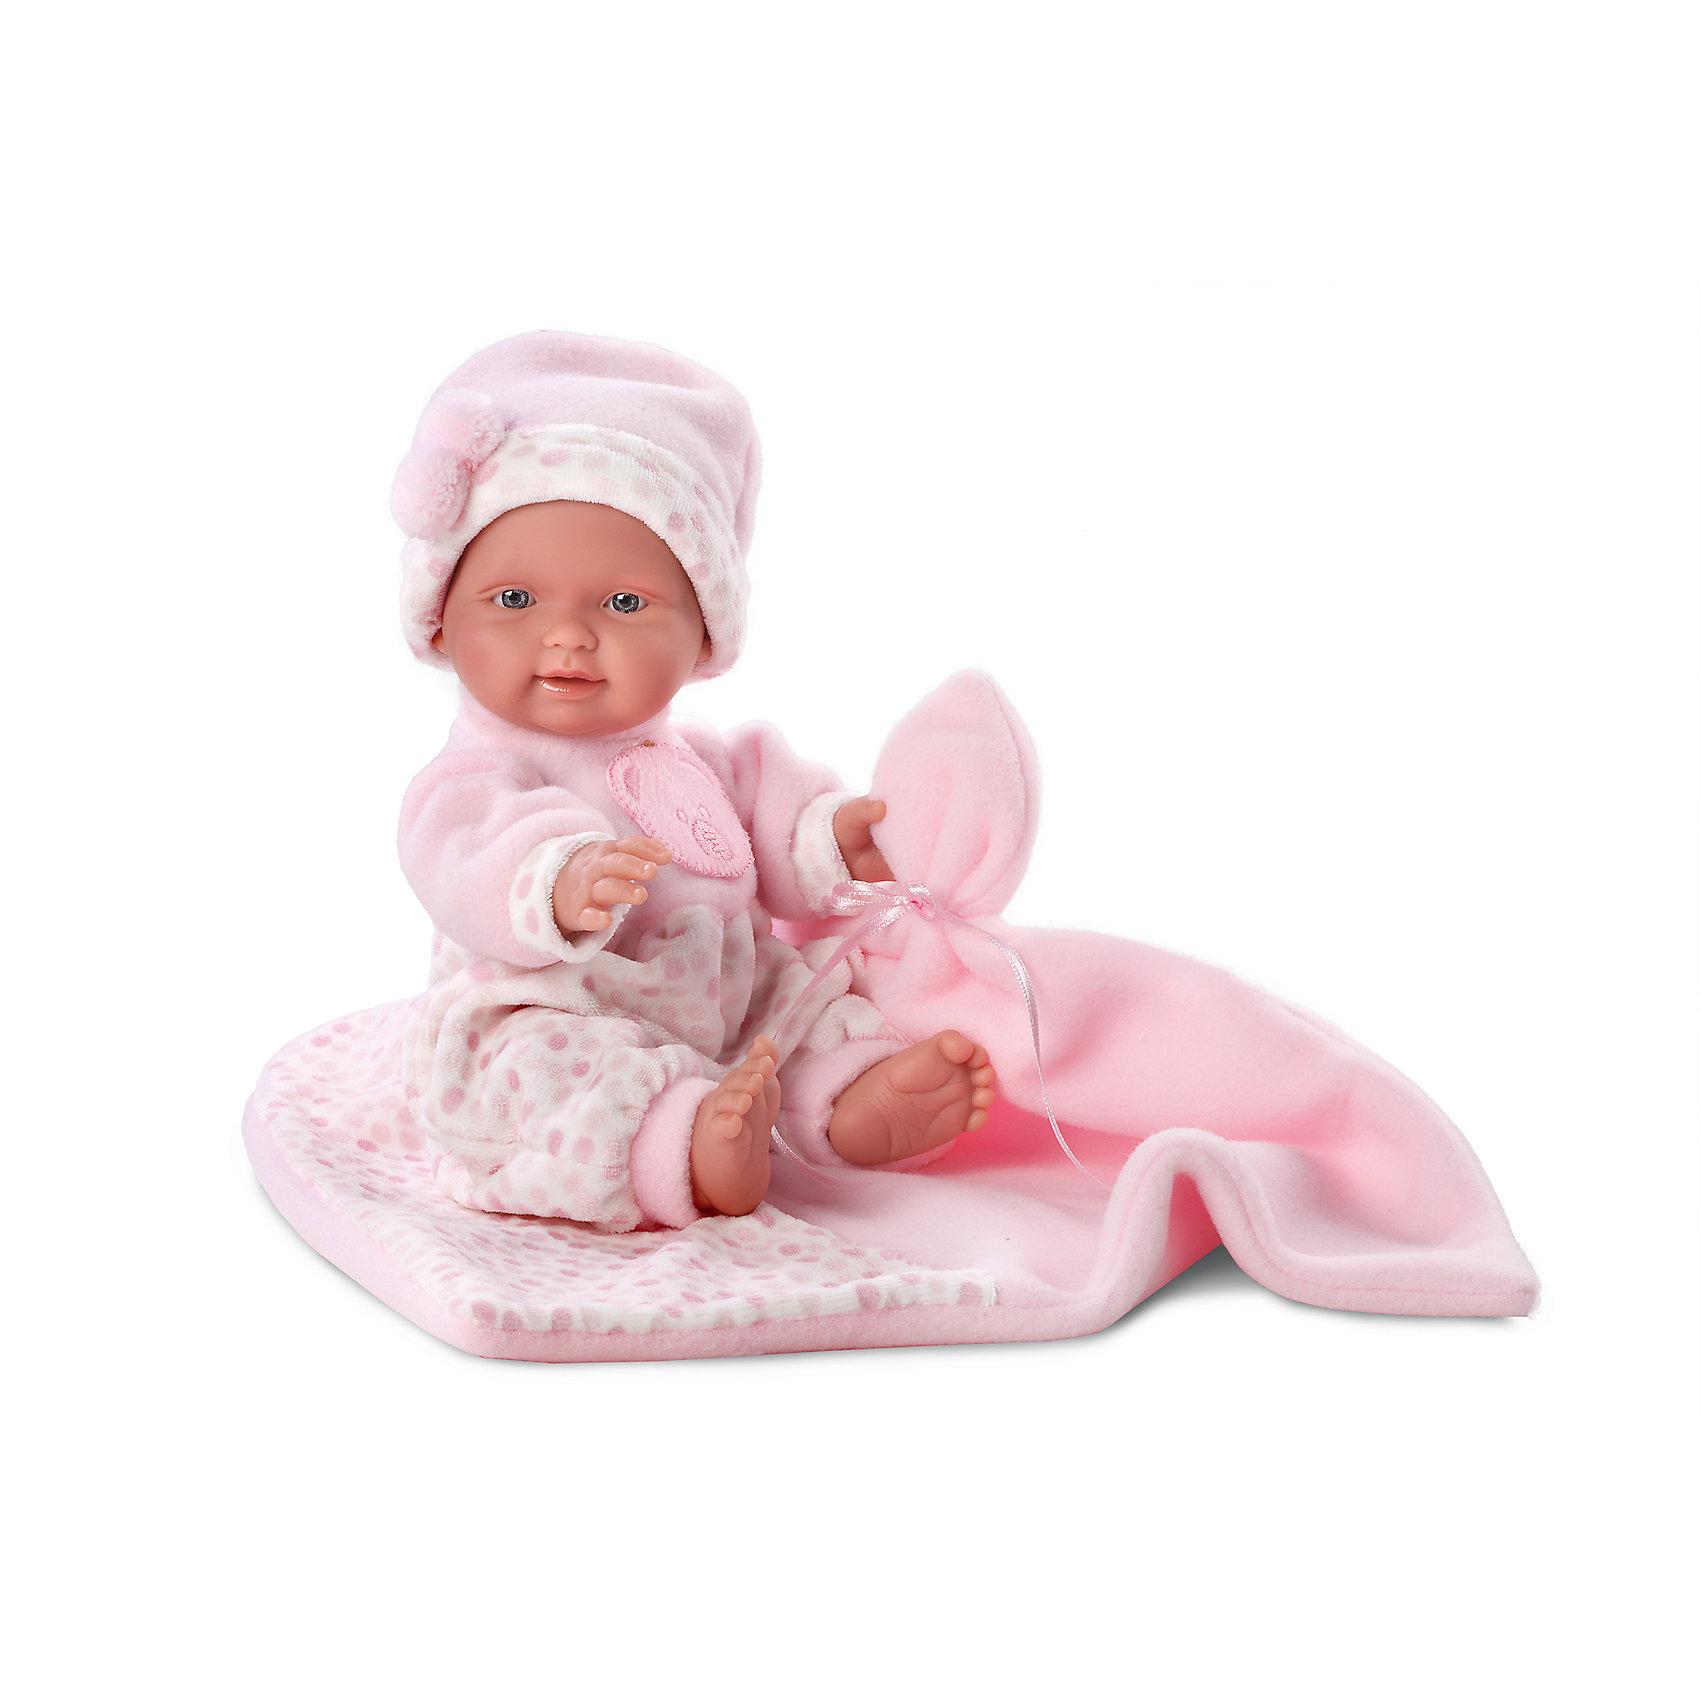 Кукла  БэбитаРоза с одеялом, 26 см, LlorensХарактеристики:<br><br>• Предназначение: для сюжетно-ролевых игр<br>• Тип куклы: мягконабивная<br>• Пол куклы: девочка <br>• Волосы: прорисованные<br>• Материал: поливинилхлорид, пластик, текстиль<br>• Цвет: розовый, белый<br>• Высота куклы: 26 см<br>• Комплектация: кукла, комбинезон, шапочка, одеяло<br>• Вес: 666 г<br>• Размеры упаковки (Д*В*Ш): 20*37*10 см<br>• Упаковка: подарочная картонная коробка <br>• Особенности ухода: допускается деликатная стирка без использования красящих и отбеливающих средств предметов одежды куклы<br><br>Кукла Бэбито с одеялом 26 см – пупс, производителем которого является всемирно известный испанский кукольный бренд Llorens. Куклы этой торговой марки имеют свою неповторимую внешность и целую линейку образов как пупсов, так и кукол-малышей. Игрушки выполнены из сочетания поливинилхлорида и пластика, что позволяет с высокой долей достоверности воссоздать физиологические и мимические особенности маленьких детей. При изготовлении кукол Llorens используются только сертифицированные материалы, безопасные и не вызывающие аллергических реакций. Волосы у кукол-пупсов прорисованные; ручки и ножки двигаются.<br>Кукла Бэбита Роза с одеялом 26 см выполнена в образе очаровательной малышки: голубые глазки и пухлые щечки создают невероятно очаровательный и милый образ. В комплект одежды Бэбиты Розы входит теплый комбинированный комбинезончик и шапочка. В наборе имеется одеяло-плед.<br>Кукла Бэбита Роза с одеялом 26 см – это идеальный вариант для подарка к различным праздникам и торжествам.<br><br>Куклу Бэбиту Розу с одеялом 26 см можно купить в нашем интернет-магазине.<br><br>Ширина мм: 20<br>Глубина мм: 37<br>Высота мм: 10<br>Вес г: 666<br>Возраст от месяцев: 36<br>Возраст до месяцев: 84<br>Пол: Женский<br>Возраст: Детский<br>SKU: 5086925